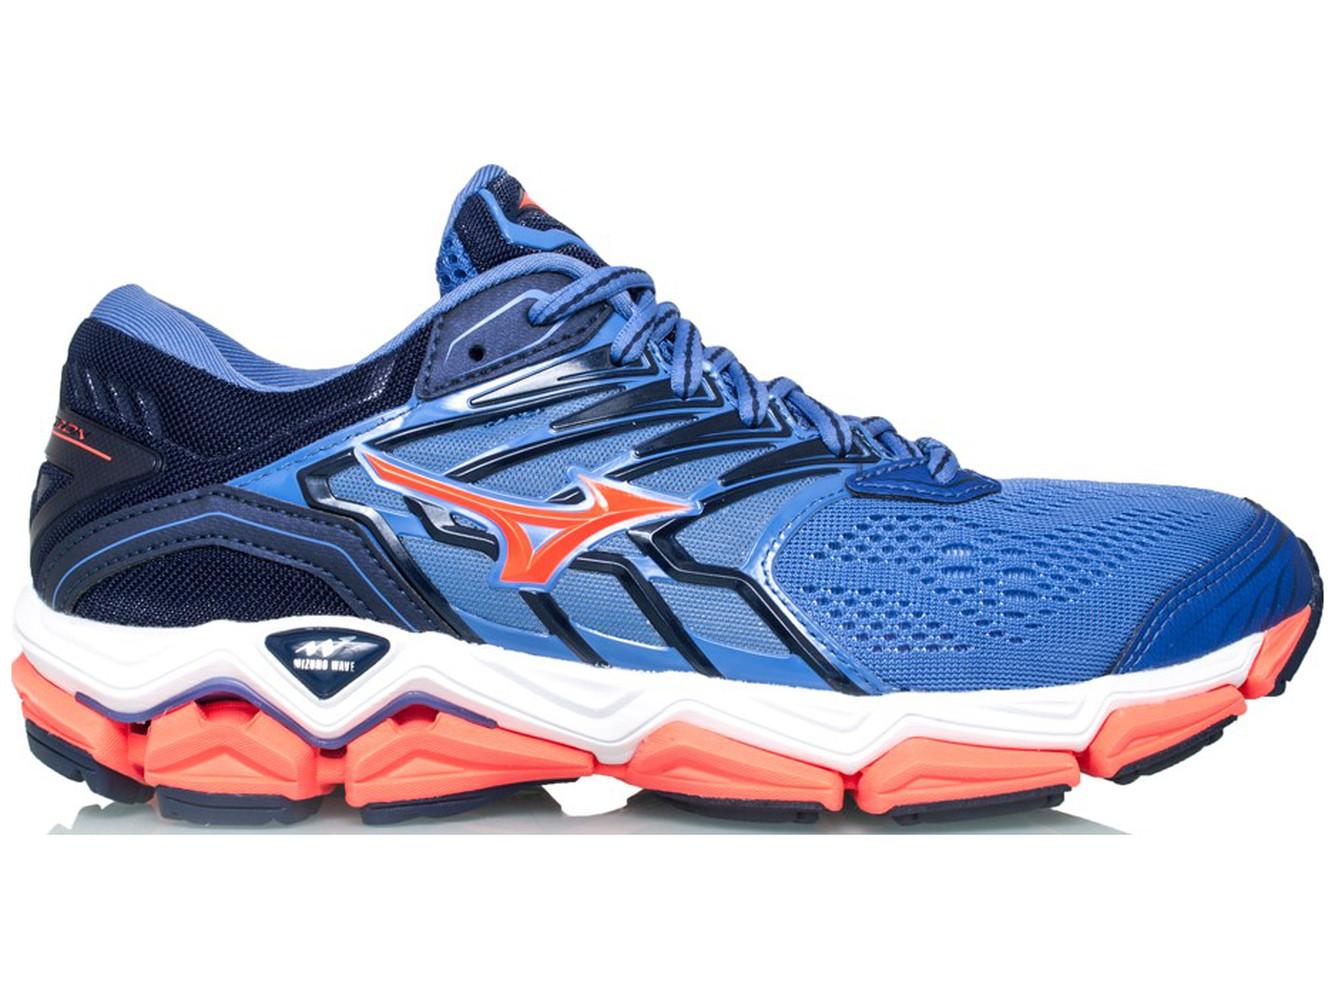 d5baf6de7da O Mizuno Wave Horizon 2 é um modelo para corredores com pisada pronada